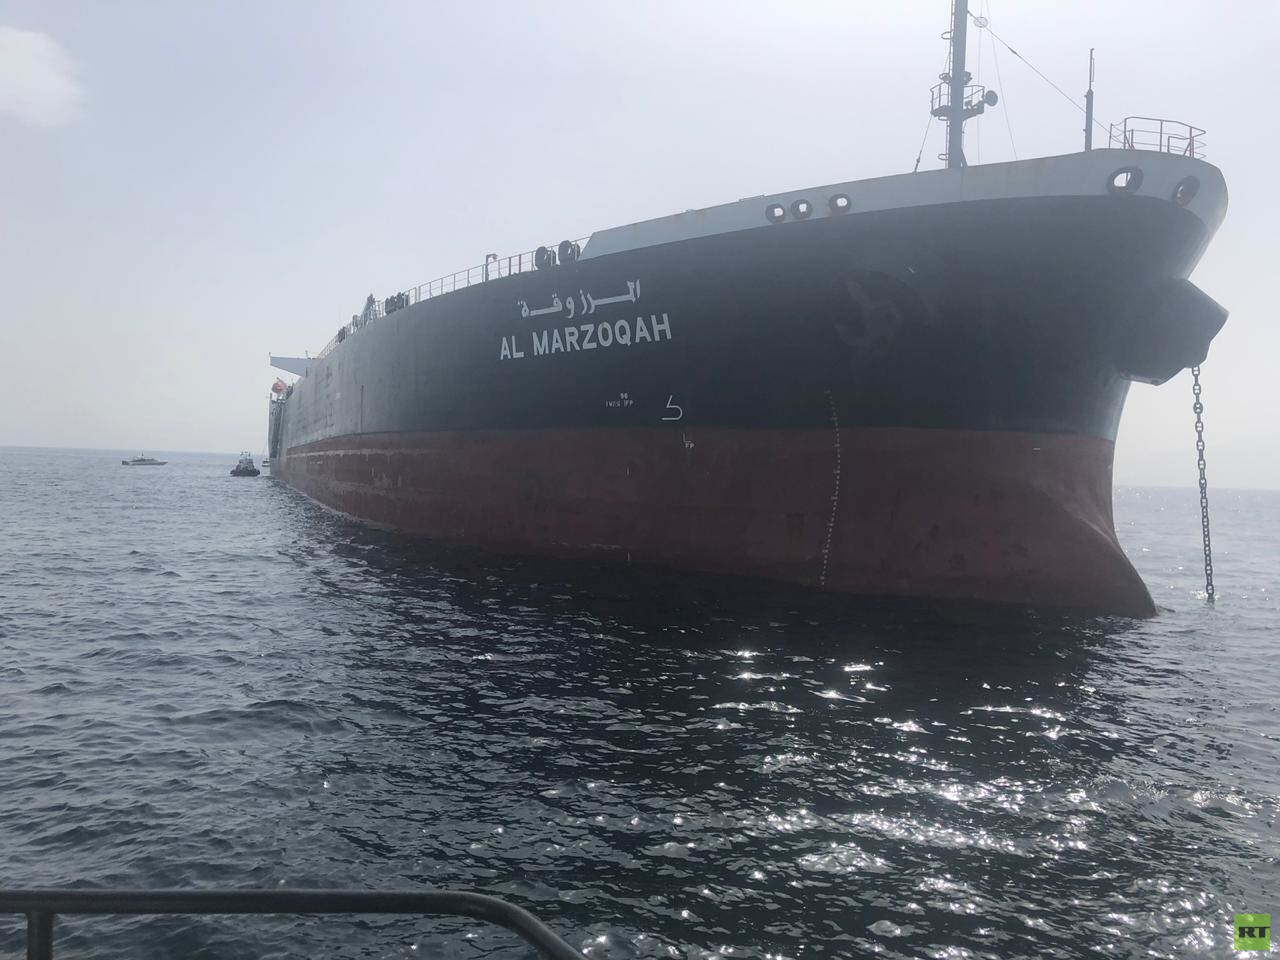 شاهد.. أول صورة وفيديو لإحدى السفن السعودية التي تعرضت لهجوم